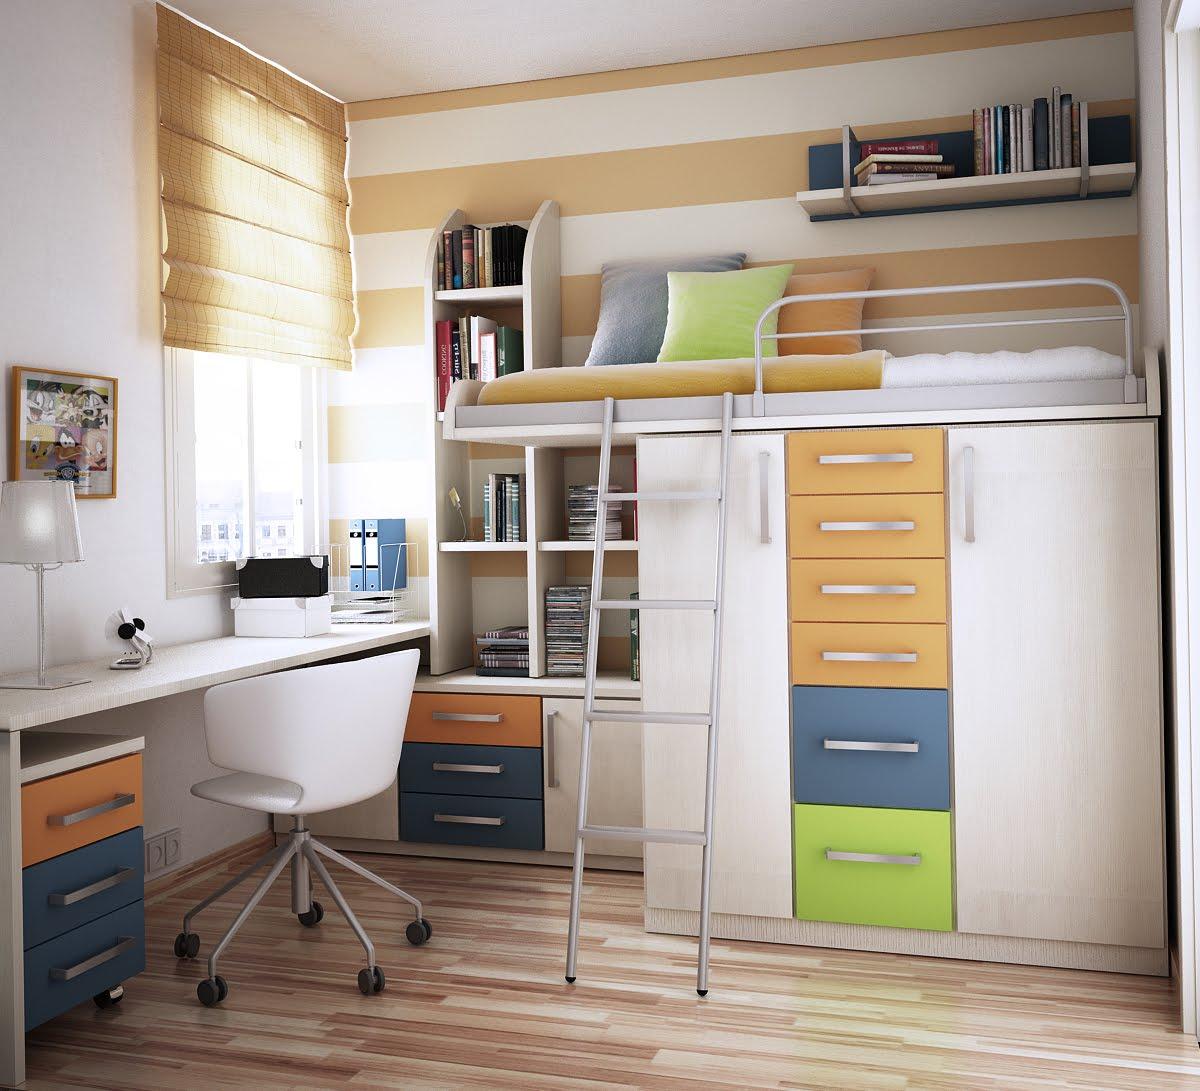 dormitorios juveniles modernos - muebles multifuncionales